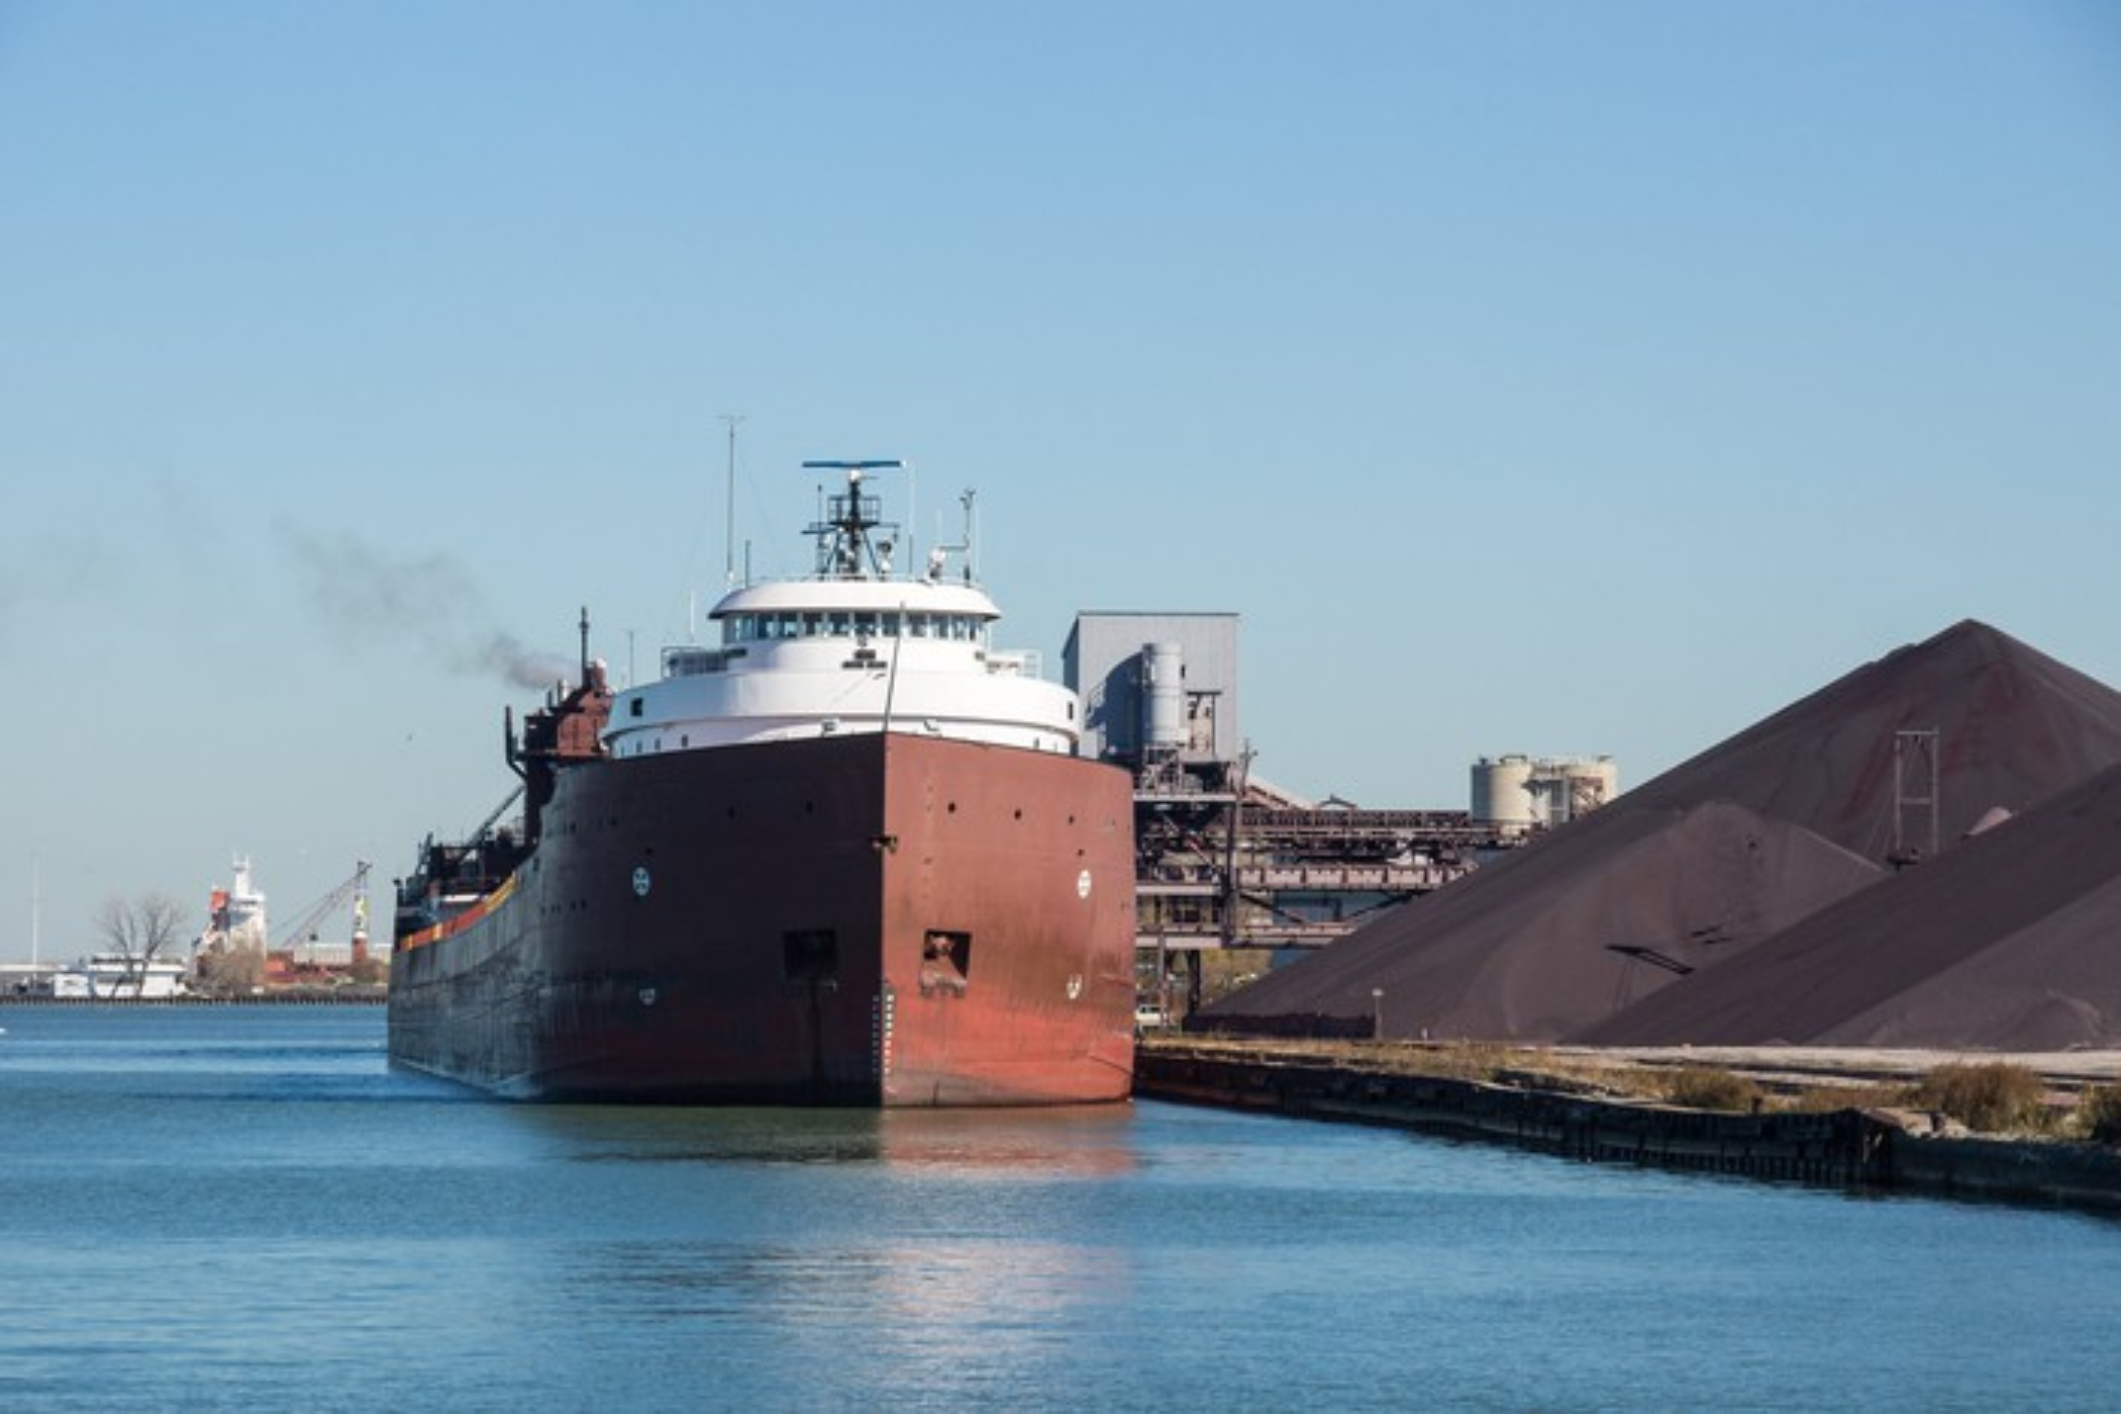 Dry bulk ship unloading coal